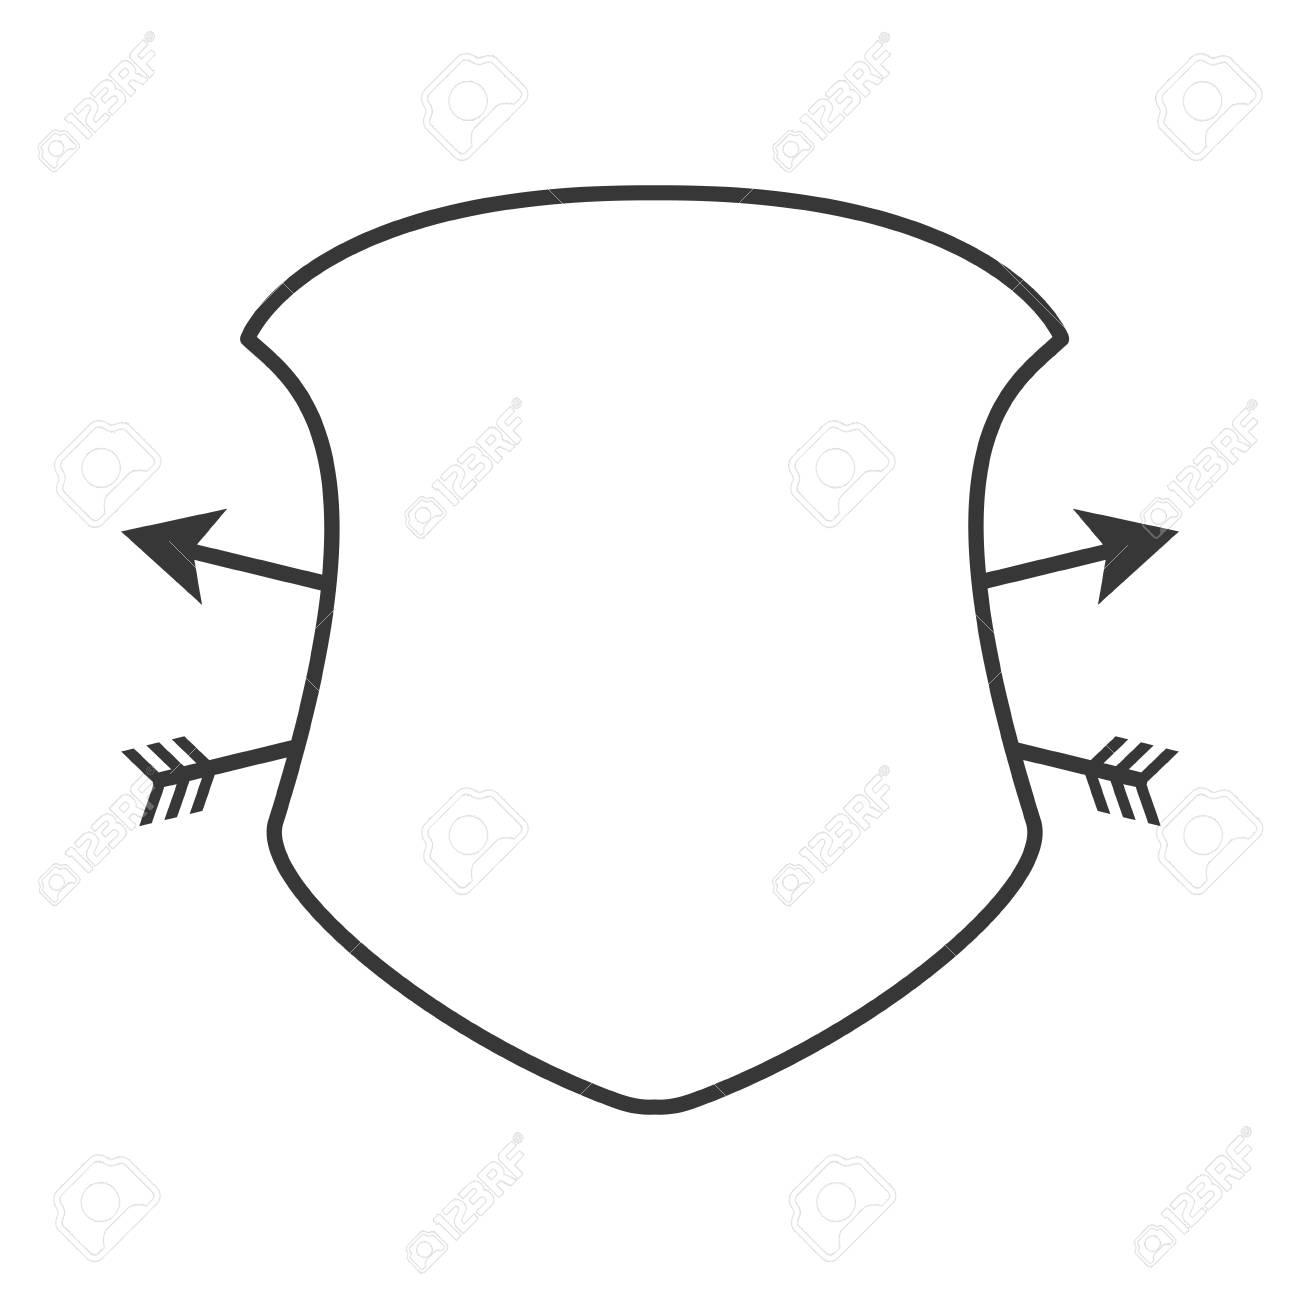 Marco Escudo Icono De Etiqueta De Seguridad Silueta. Ilustración ...